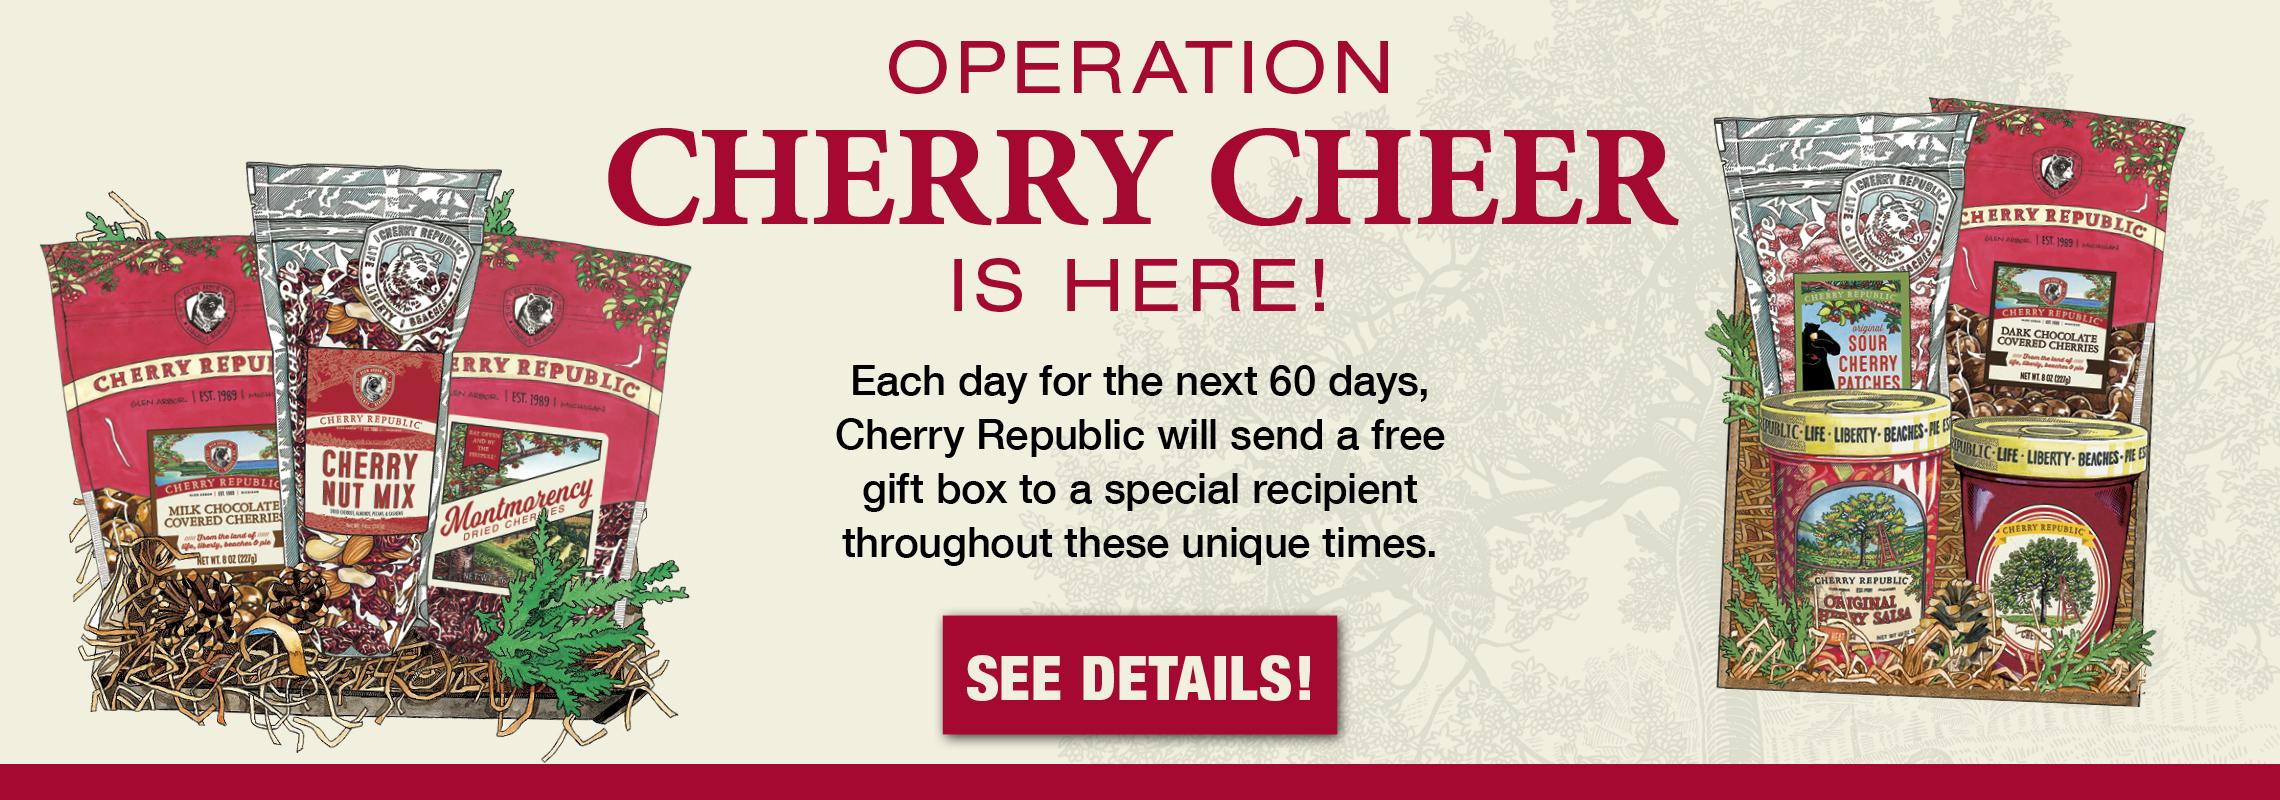 Operation Cherry Cheer